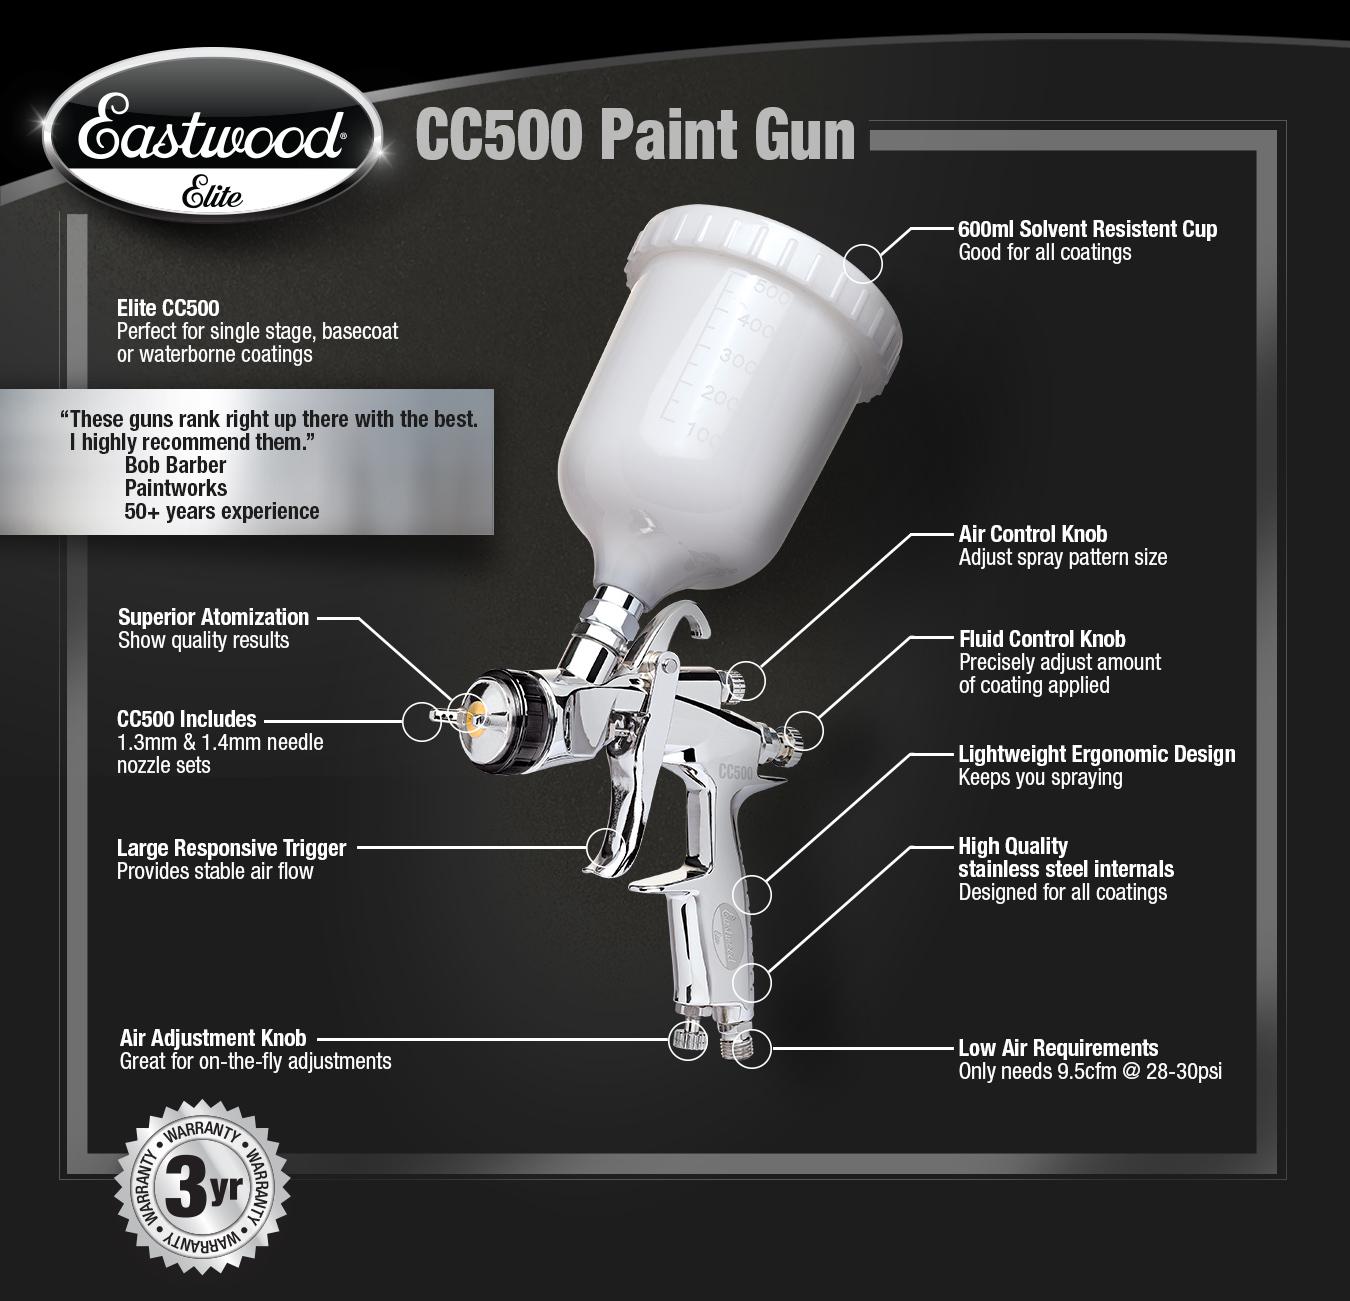 Eastwood Elite CC500 Color and Clearcoat HVLP Paint Gun